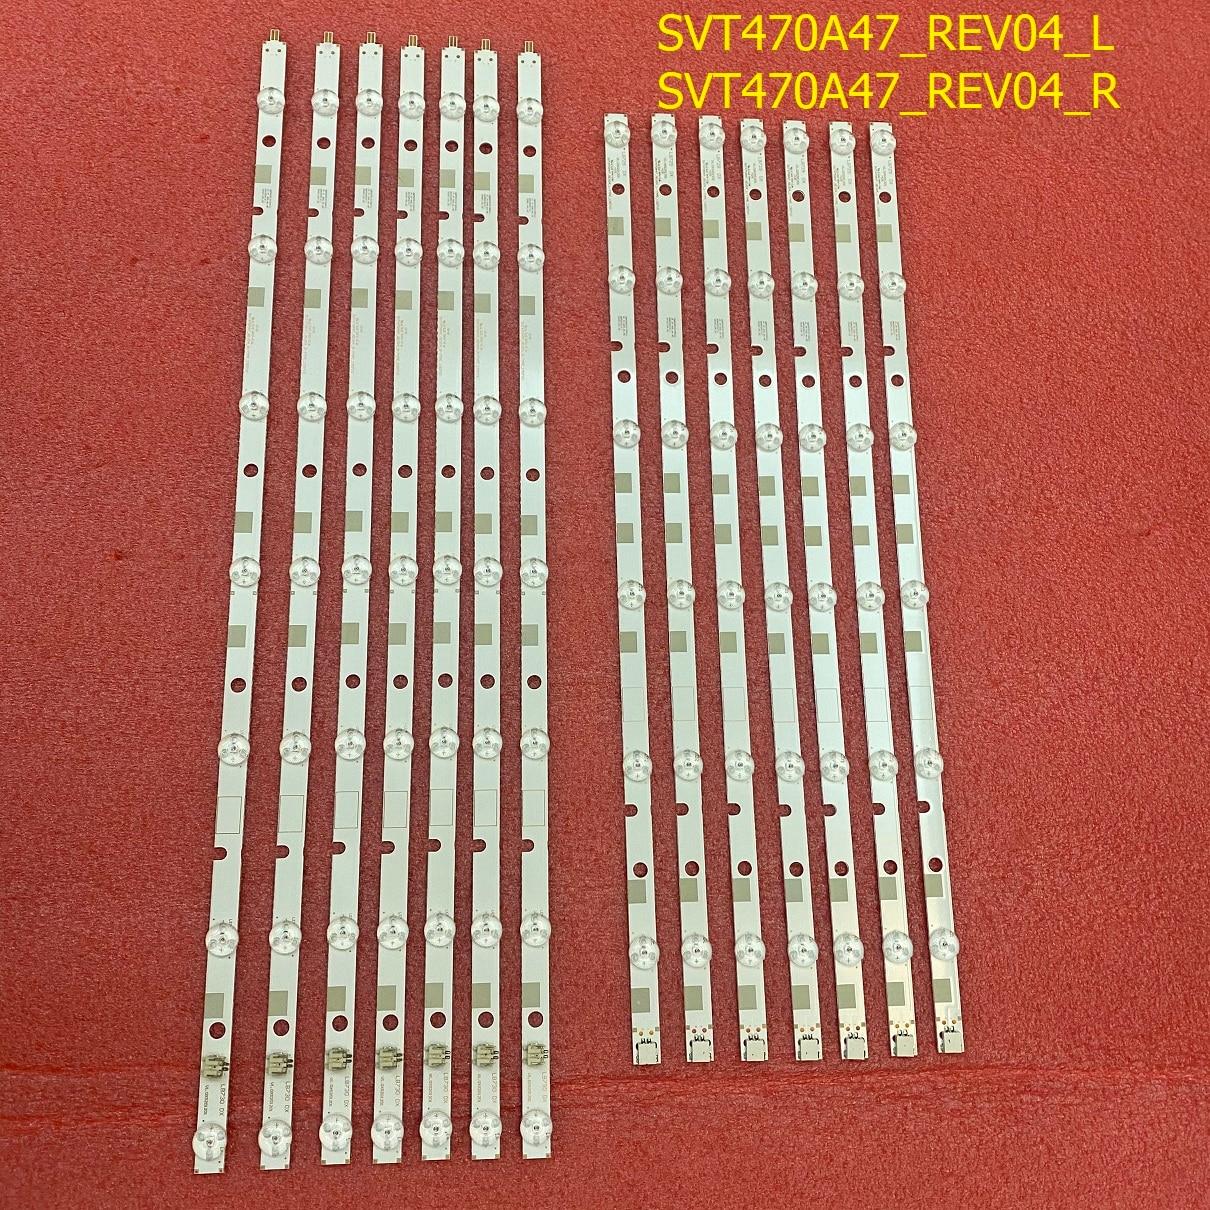 جديد 14 قطعة/المجموعة LED الخلفية قطاع لتوشيبا 47M7463D 47L7453DB 47L7453D 47L7463DG SVT470A47_REV04_L R LC470DUK SG K2